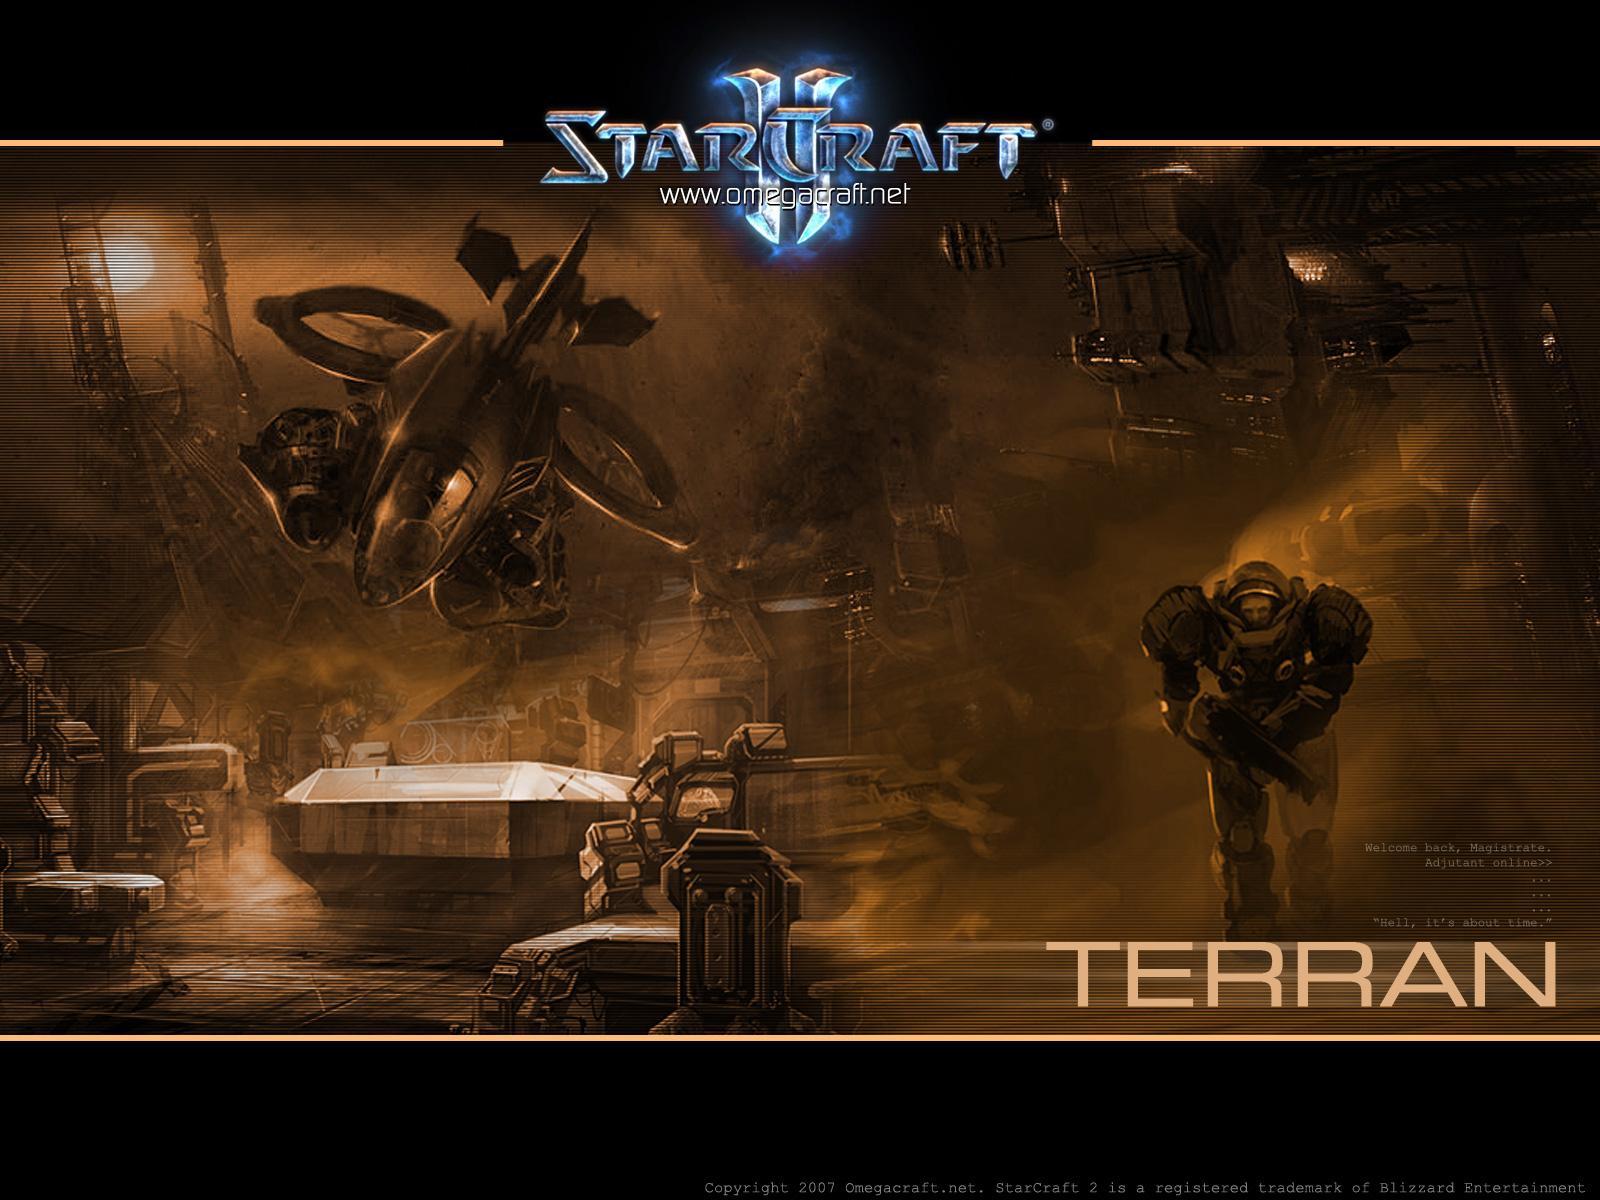 http://1.bp.blogspot.com/-viXv98fp6cc/TgAq1V8Il-I/AAAAAAAAFkc/GtBaeQAwCKc/s1600/Starcraft+2+Walpapers+5.jpg